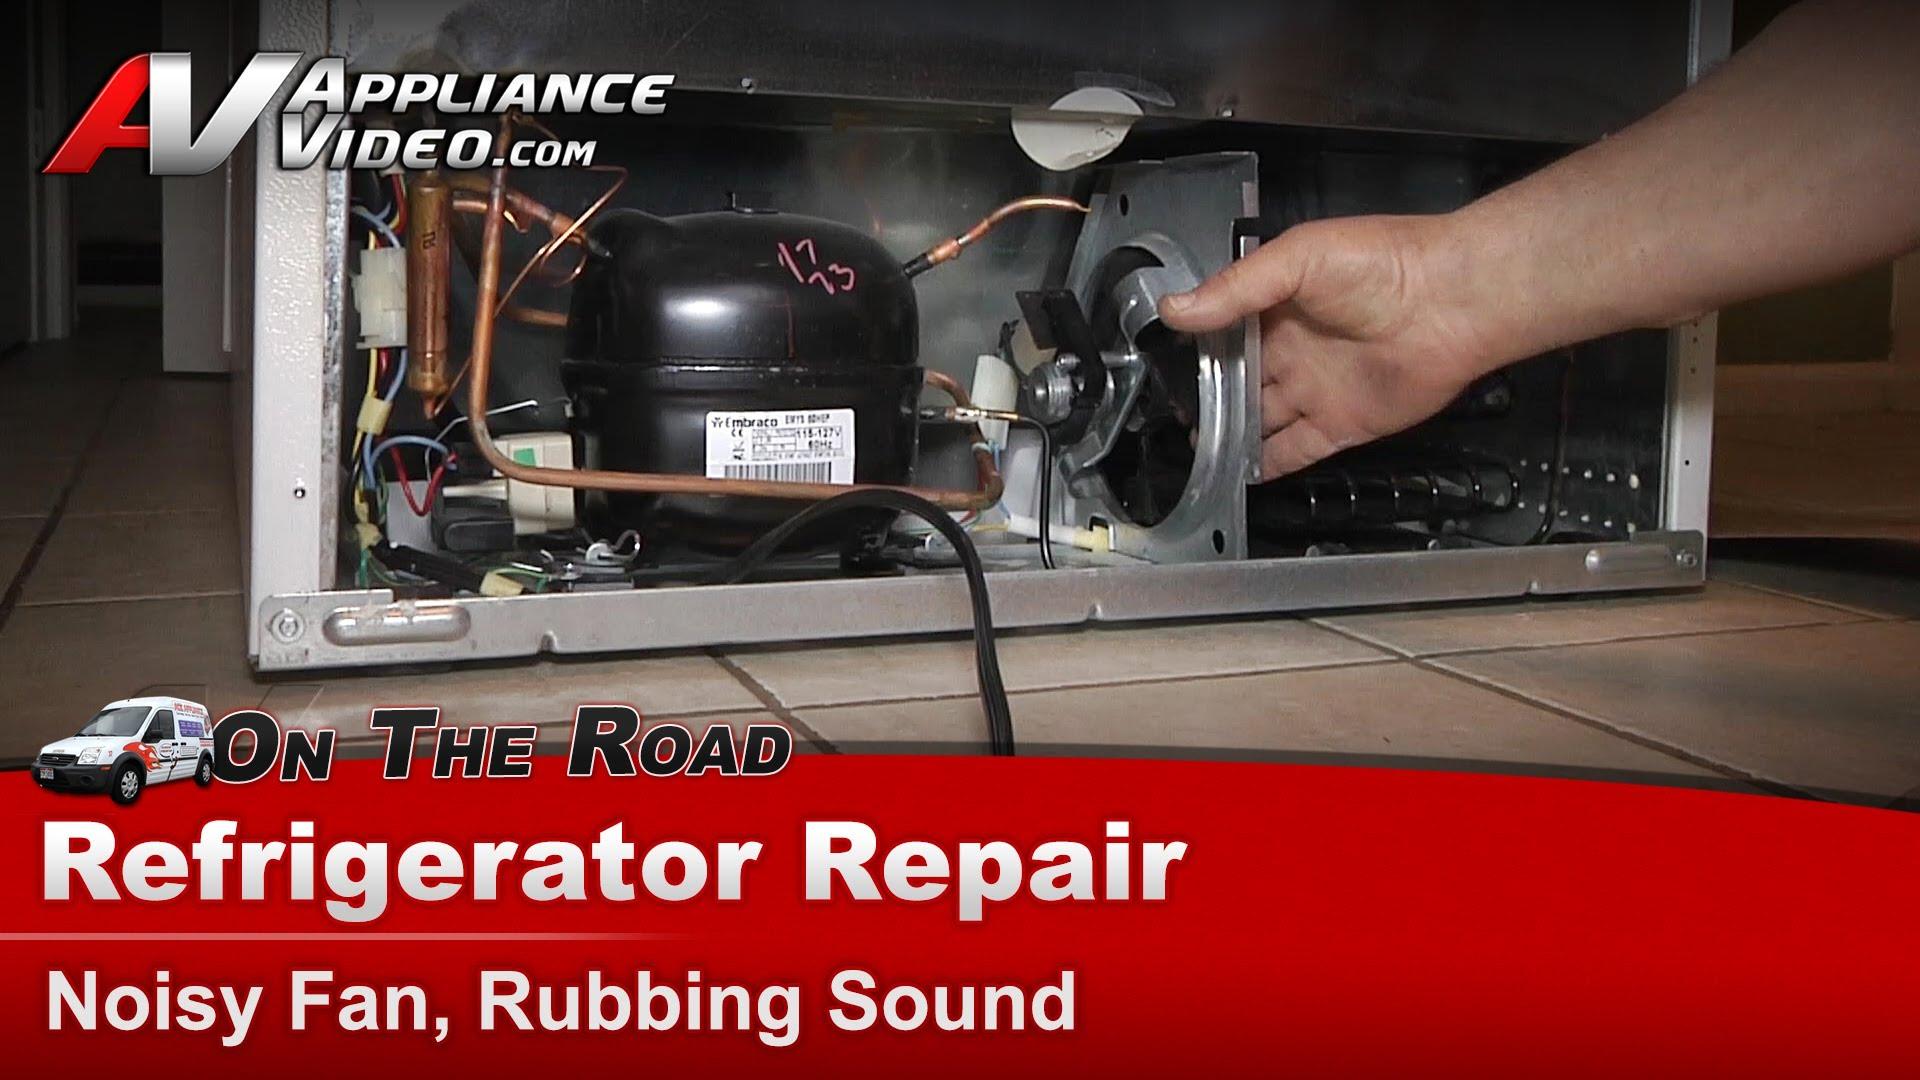 Maytag Refrigerator Wiring Diagram Frigidaire Frt18l4jwb Refrigerator Repair Noisy Fan